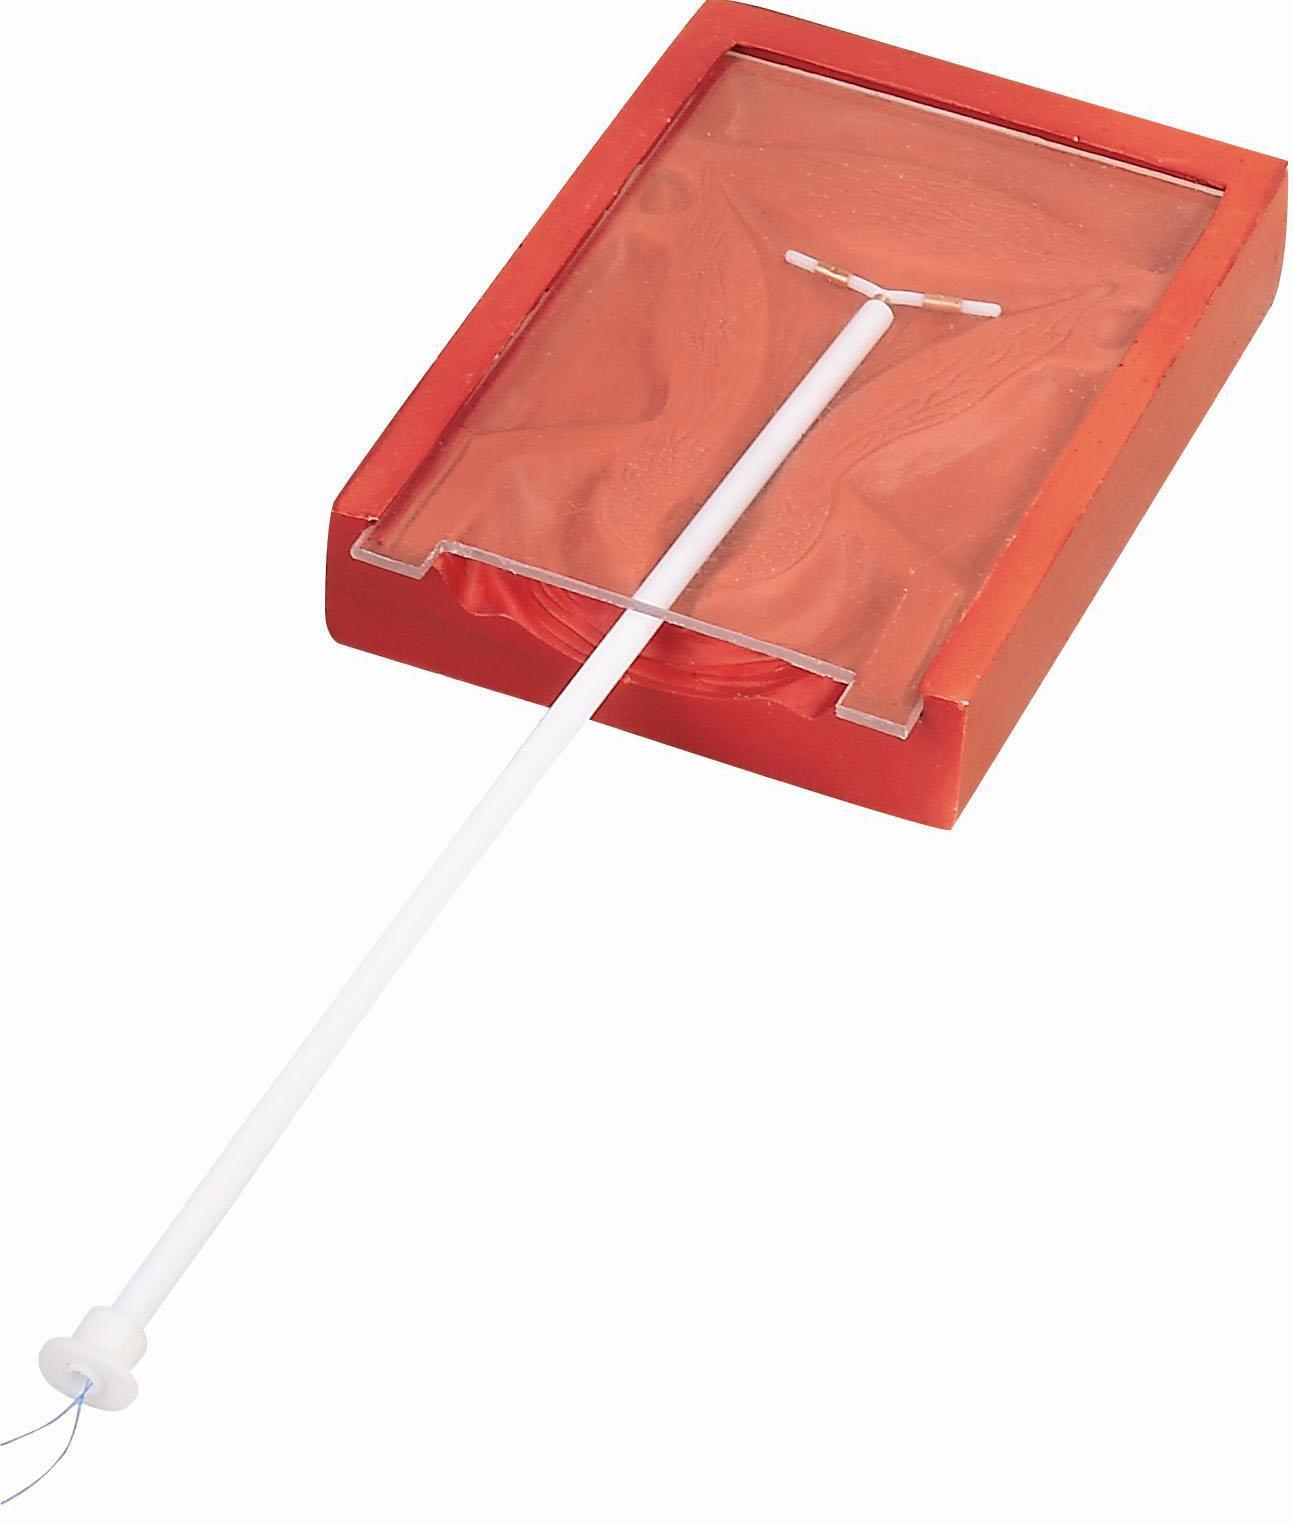 高级宫内避孕器训练模型